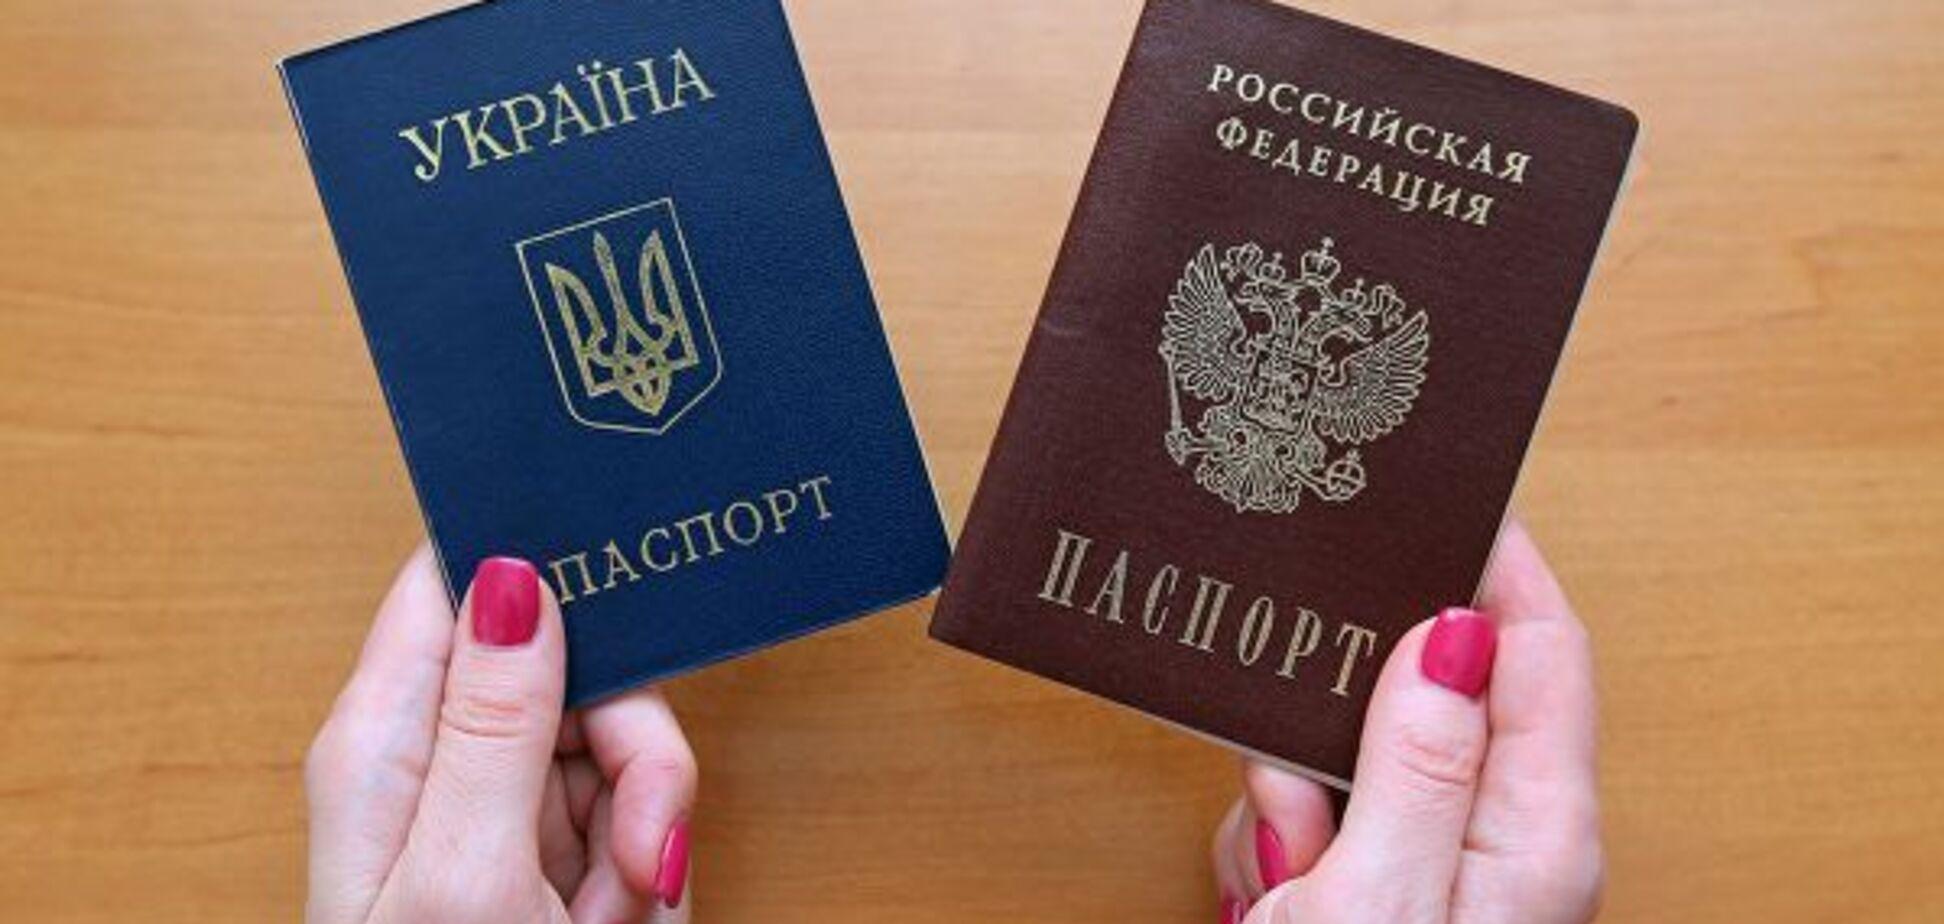 Путін спростив отримання громадянства Росії для всього Донбасу: що відомо